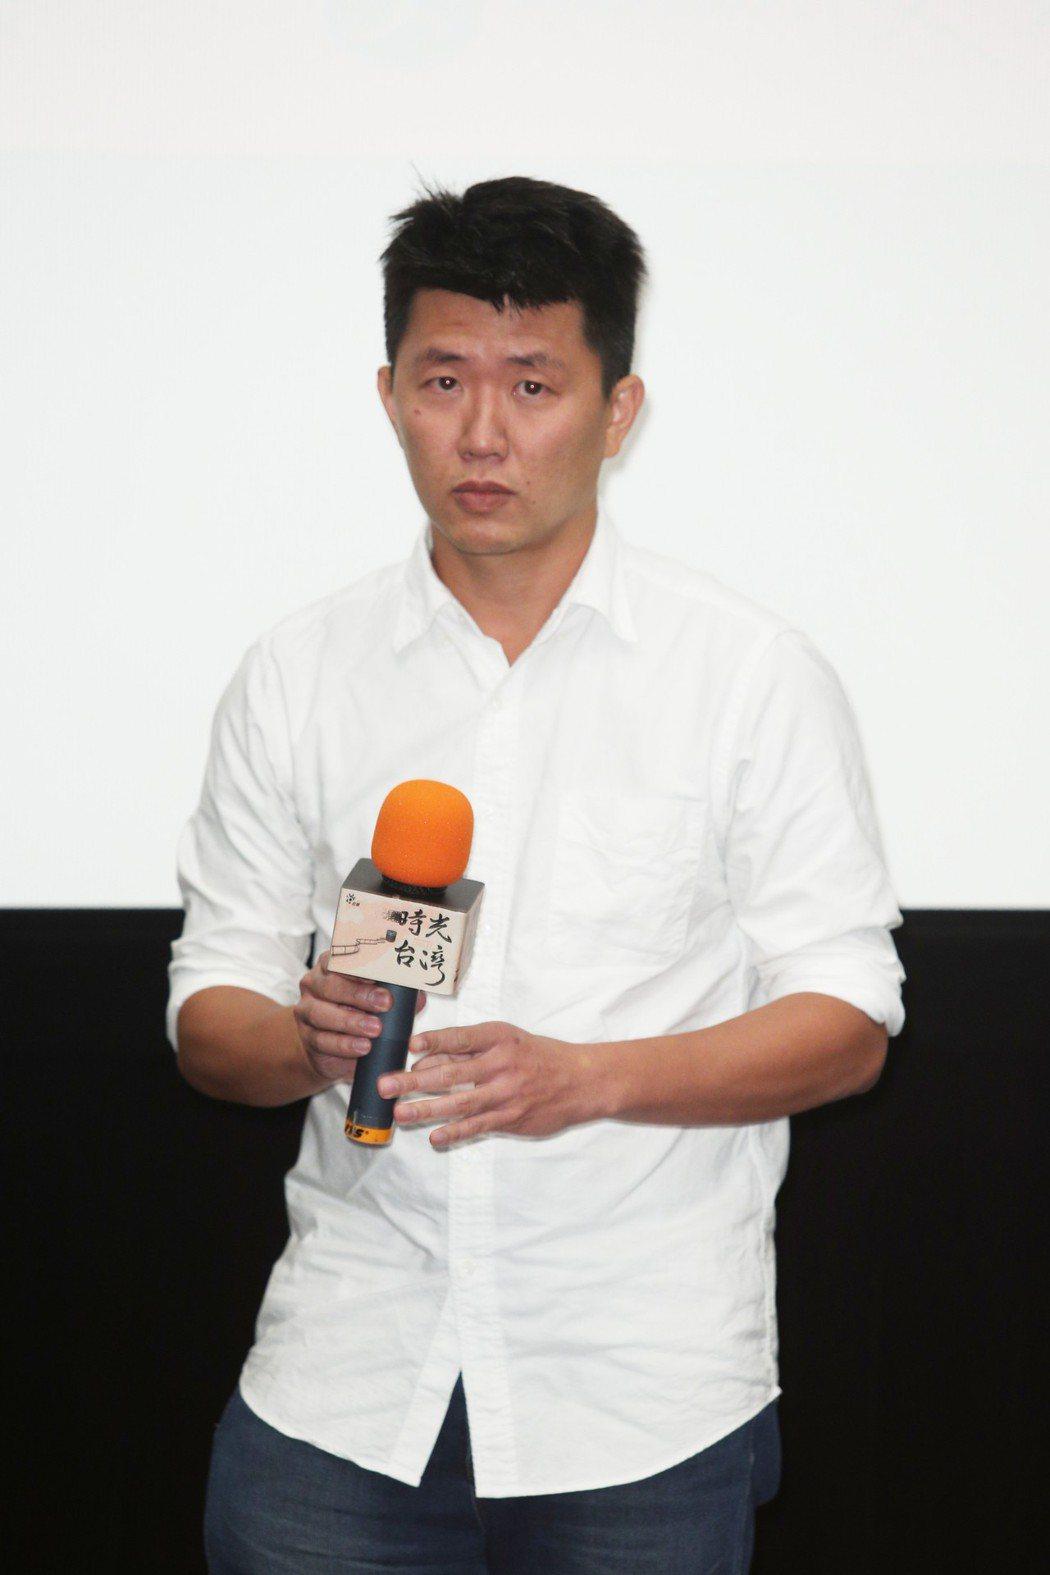 「時光台灣」紀錄短片首映會,導演廖克發出席。記者陳正興/攝影